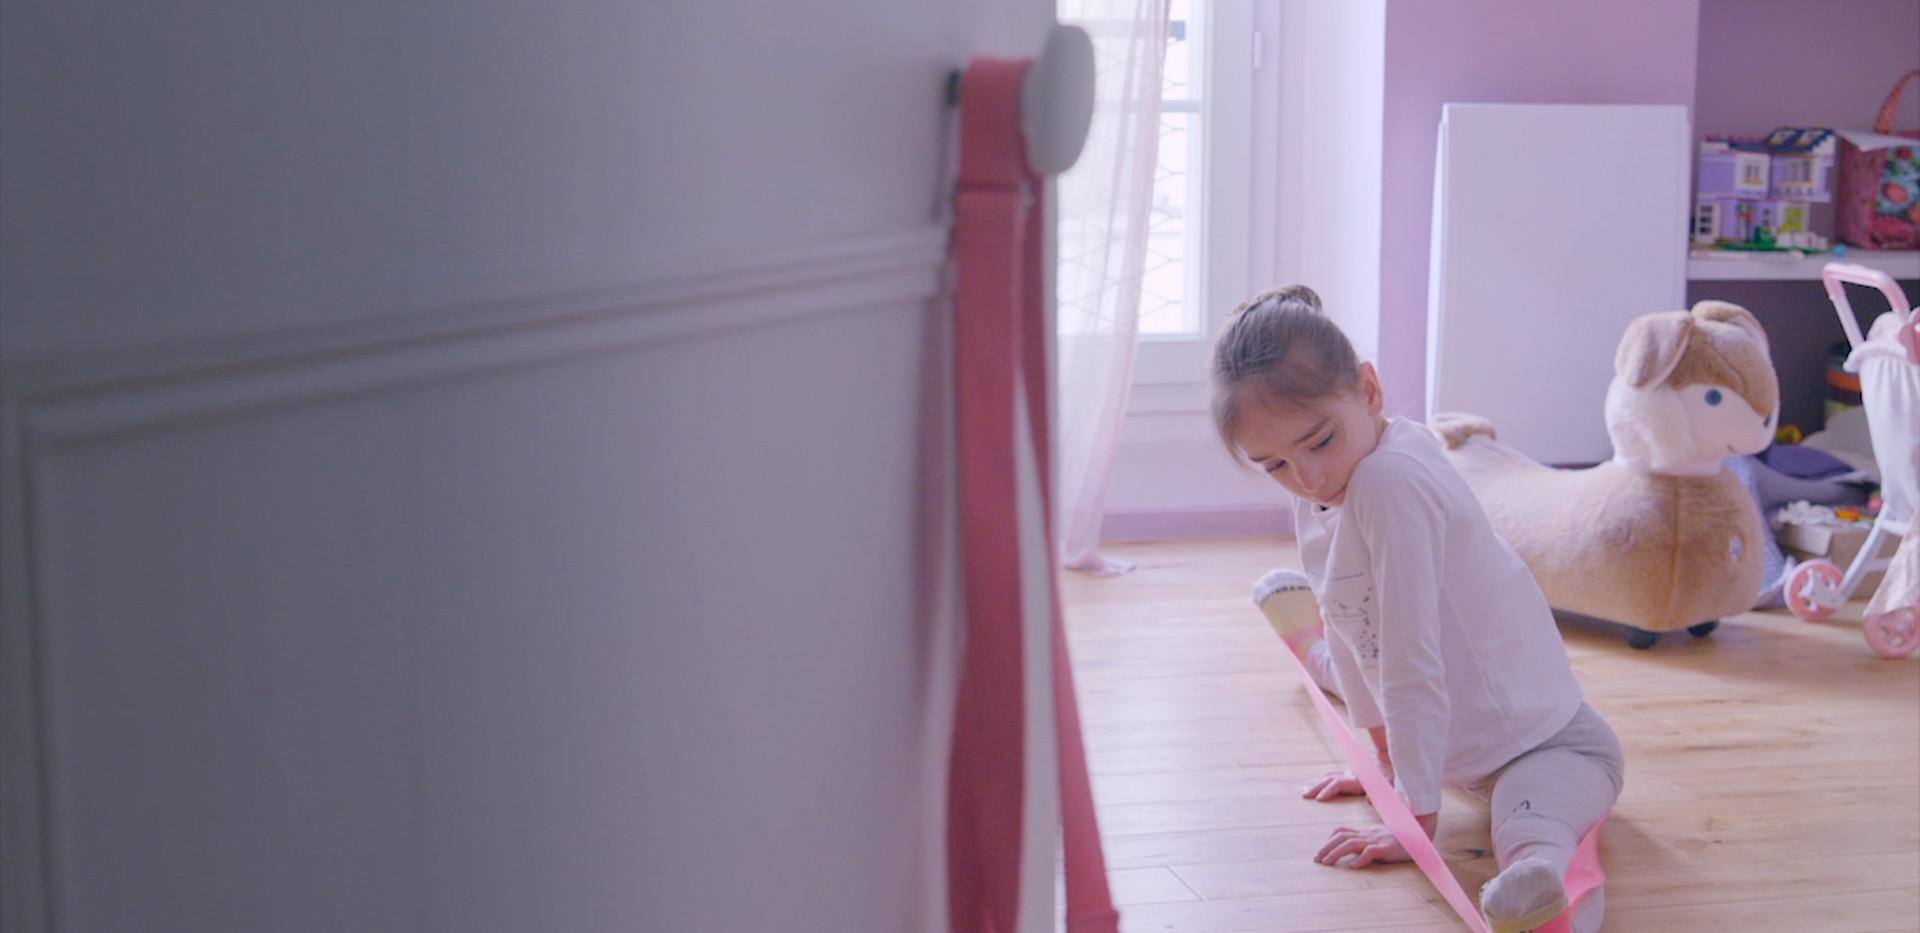 Petites_Danseuses_4.jpg